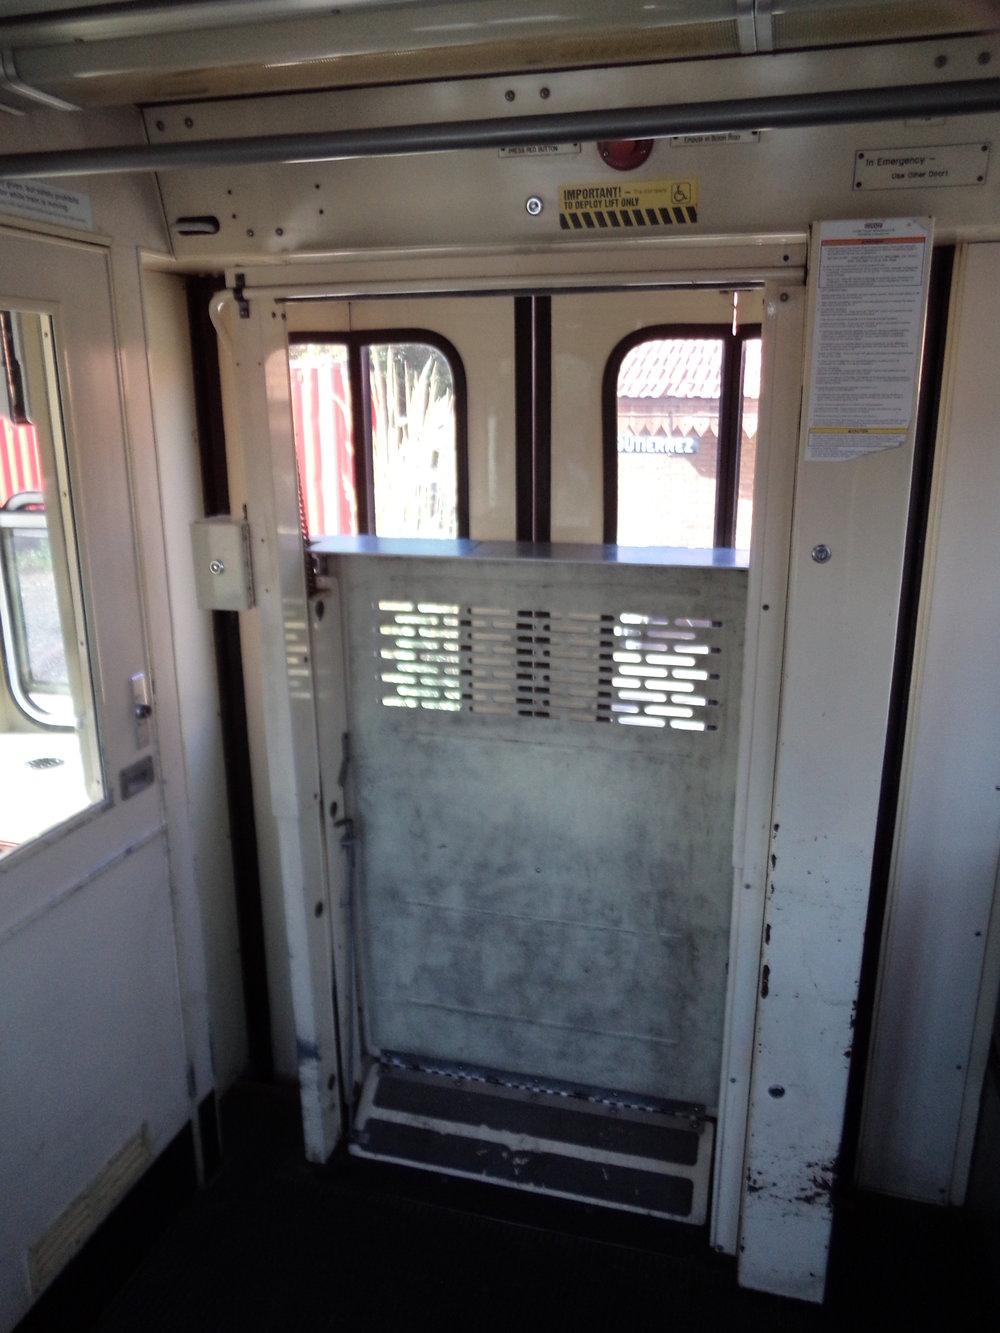 Soupravy typu U2 pro San Diego byly navrženy jako vysokopodlažní se schody, proto jim byla svého času namontována i tato plošina pro vozíčkáře.Vlaky z téže rodiny dodávané do jiných měst (Frankfurt nad Mohanem,Edmonton, Calgary)schody neměly, neboťnástupiště tamních provozů byly vyvýšena tak, aby byl přístup bezbariérový. Na druhou stranu jediné San Diego mělo své vozy z výroby klimatizované.